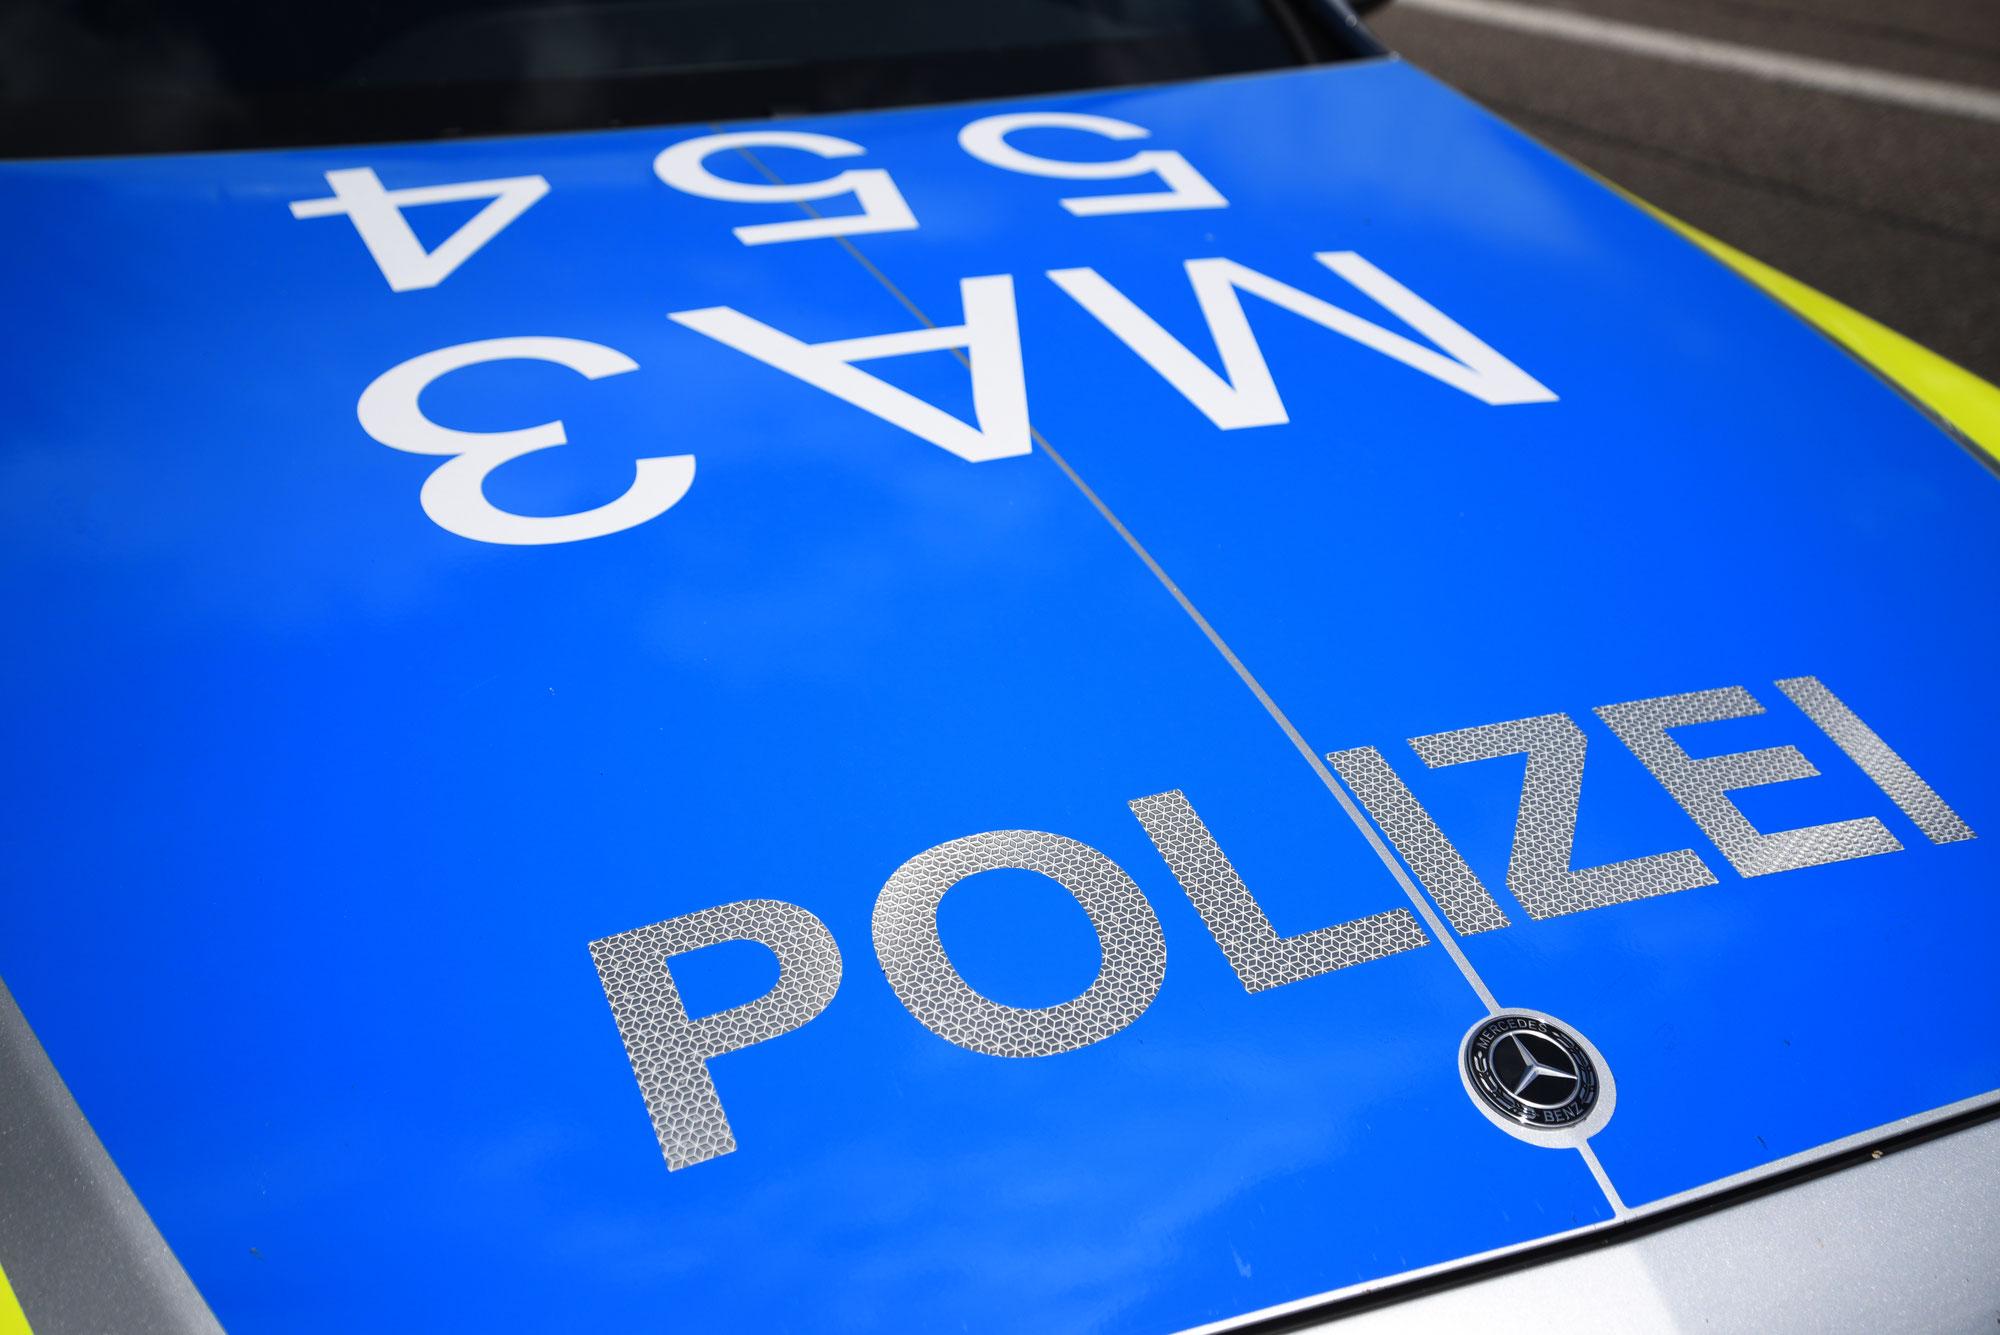 Hockenheim/Rhein-Neckar-Kreis: 35-jähriger Mann auf Antrag der Staatsanwaltschaft Mannheim wegen Verdachts des Totschlags in Untersuchungshaft